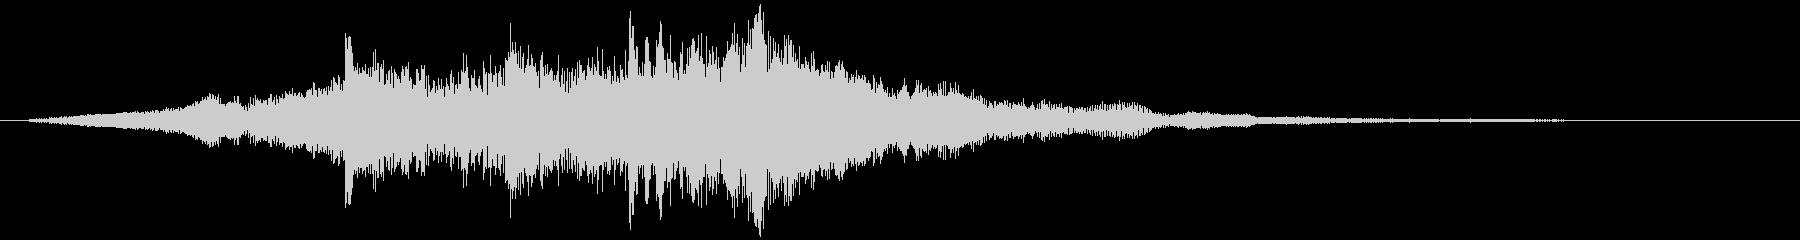 サウンド・ロゴ4、企業、コンテンツ Bの未再生の波形